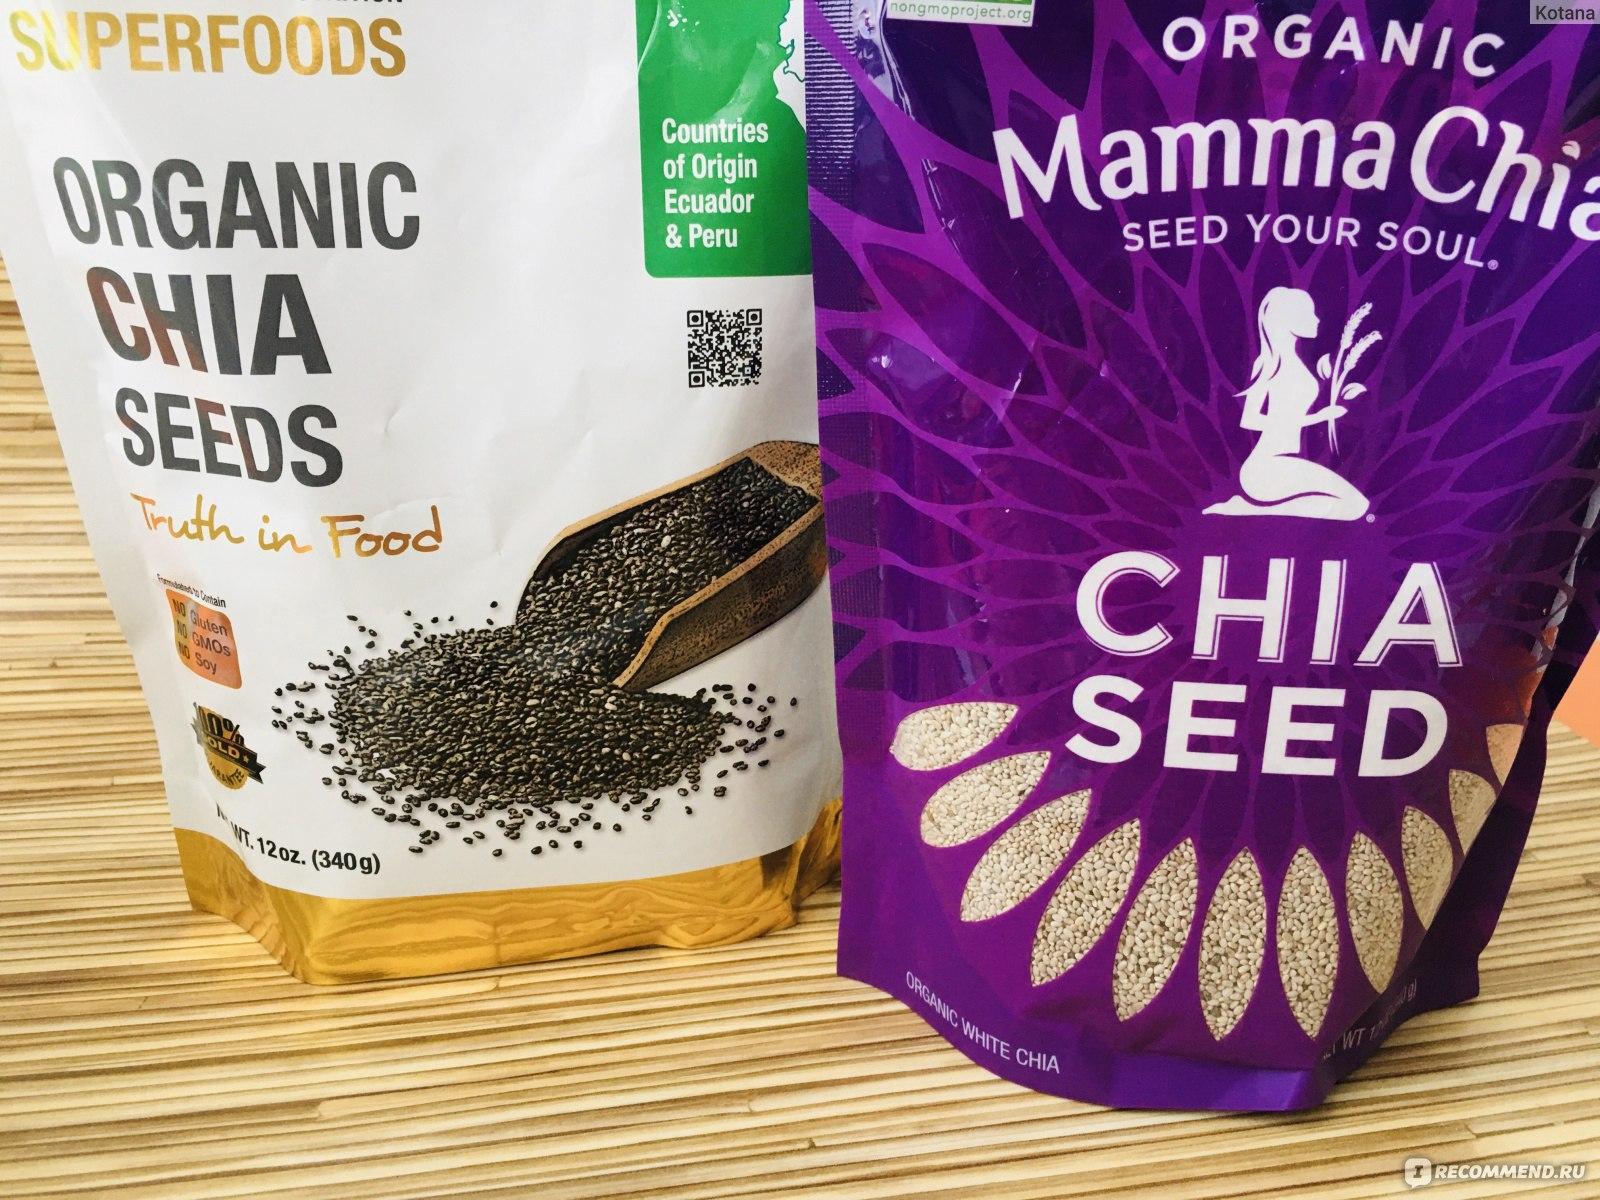 Как принимать семена чиа для похудения: лучшие способы употребления с пользой | lisa.ru